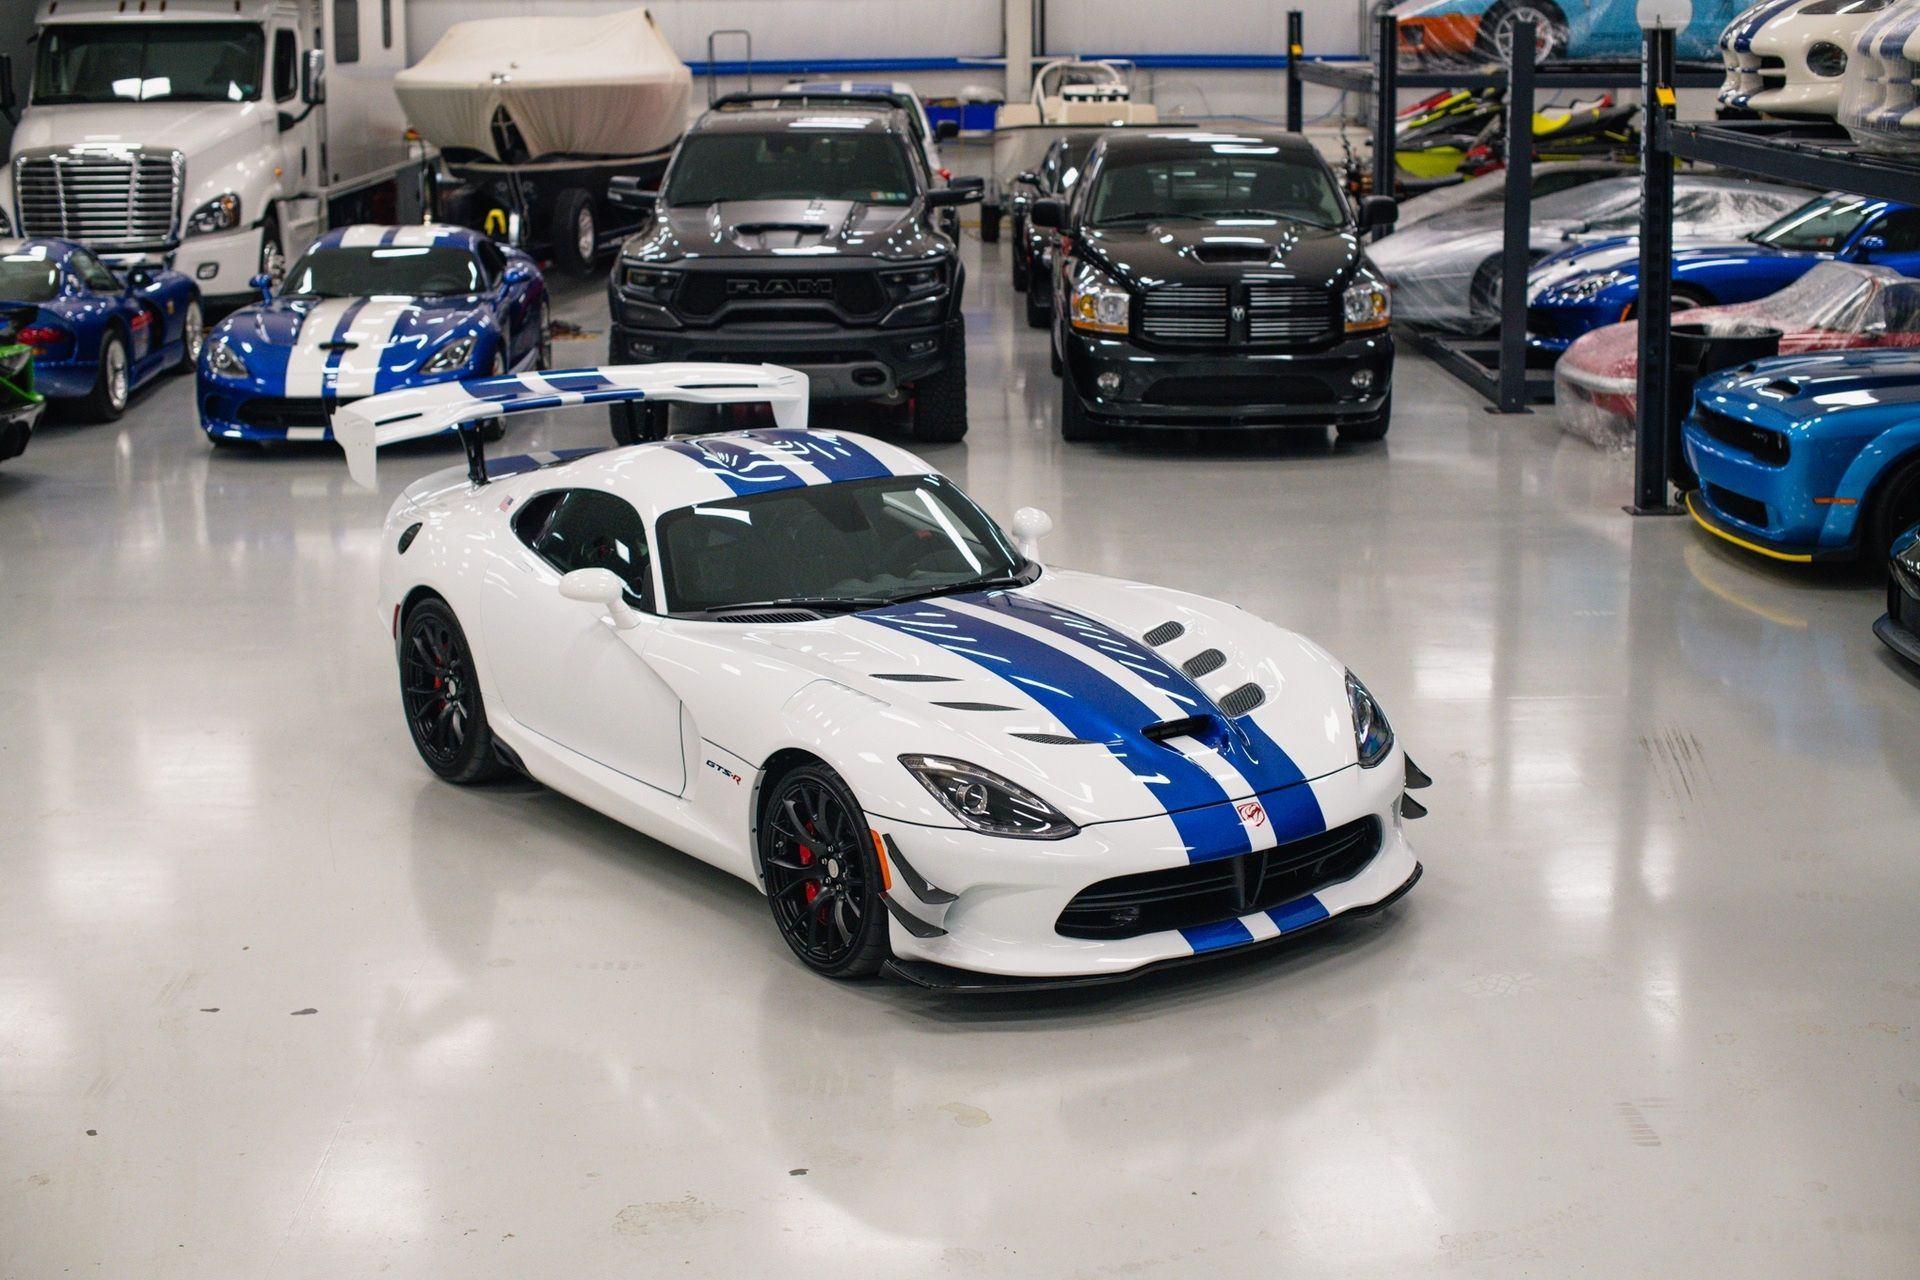 Dodge_Viper_GTS-R_Final_Edition_ACR_sale-0001